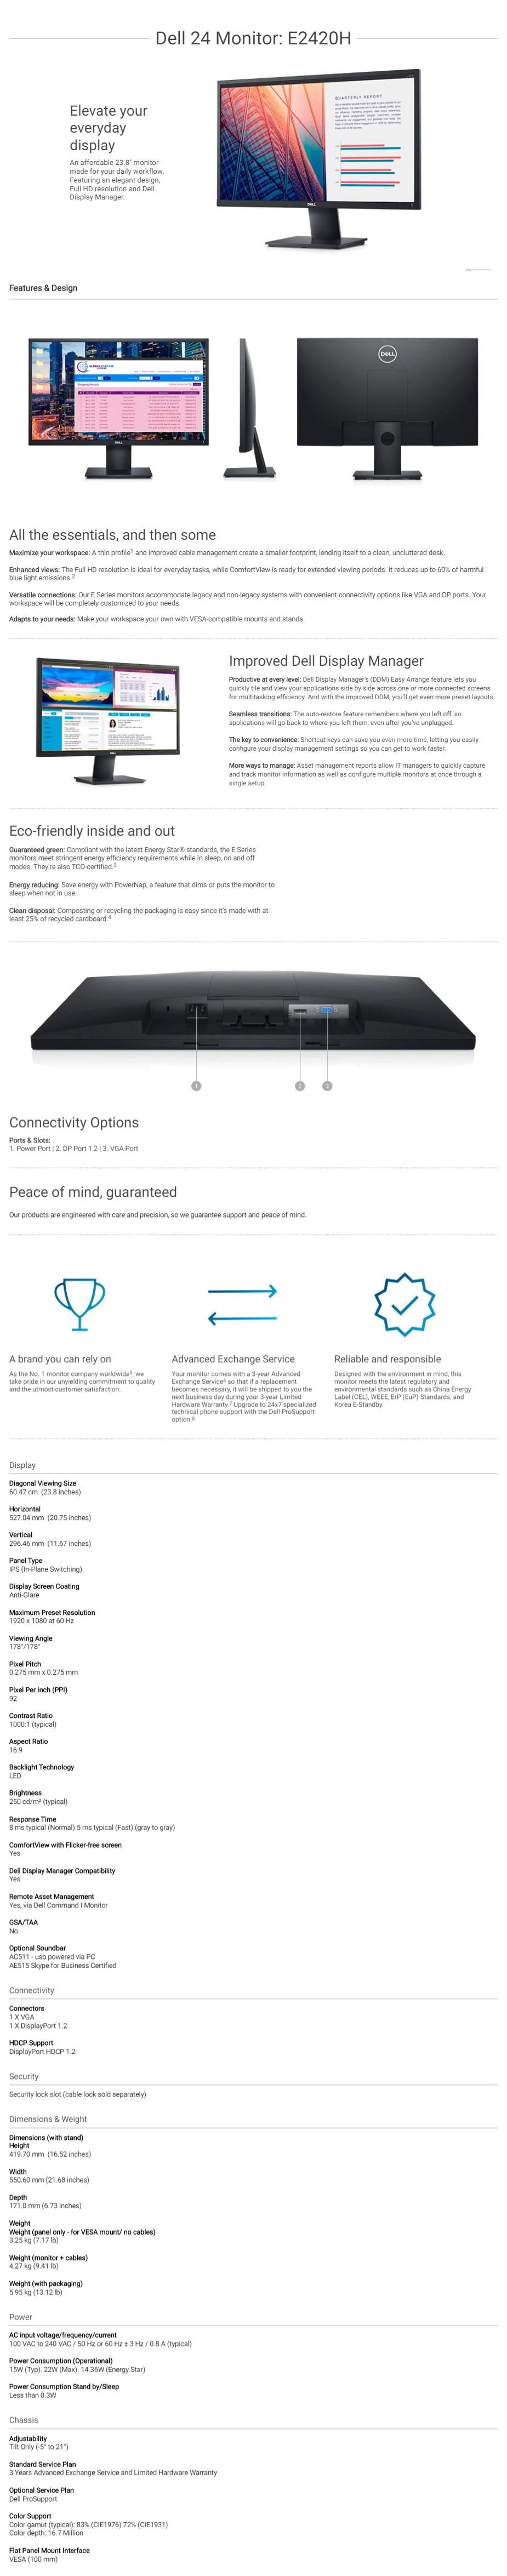 """Dell E2420H 23.8"""" Full HD Anti-Glare IPS Monitor - Overview 1"""